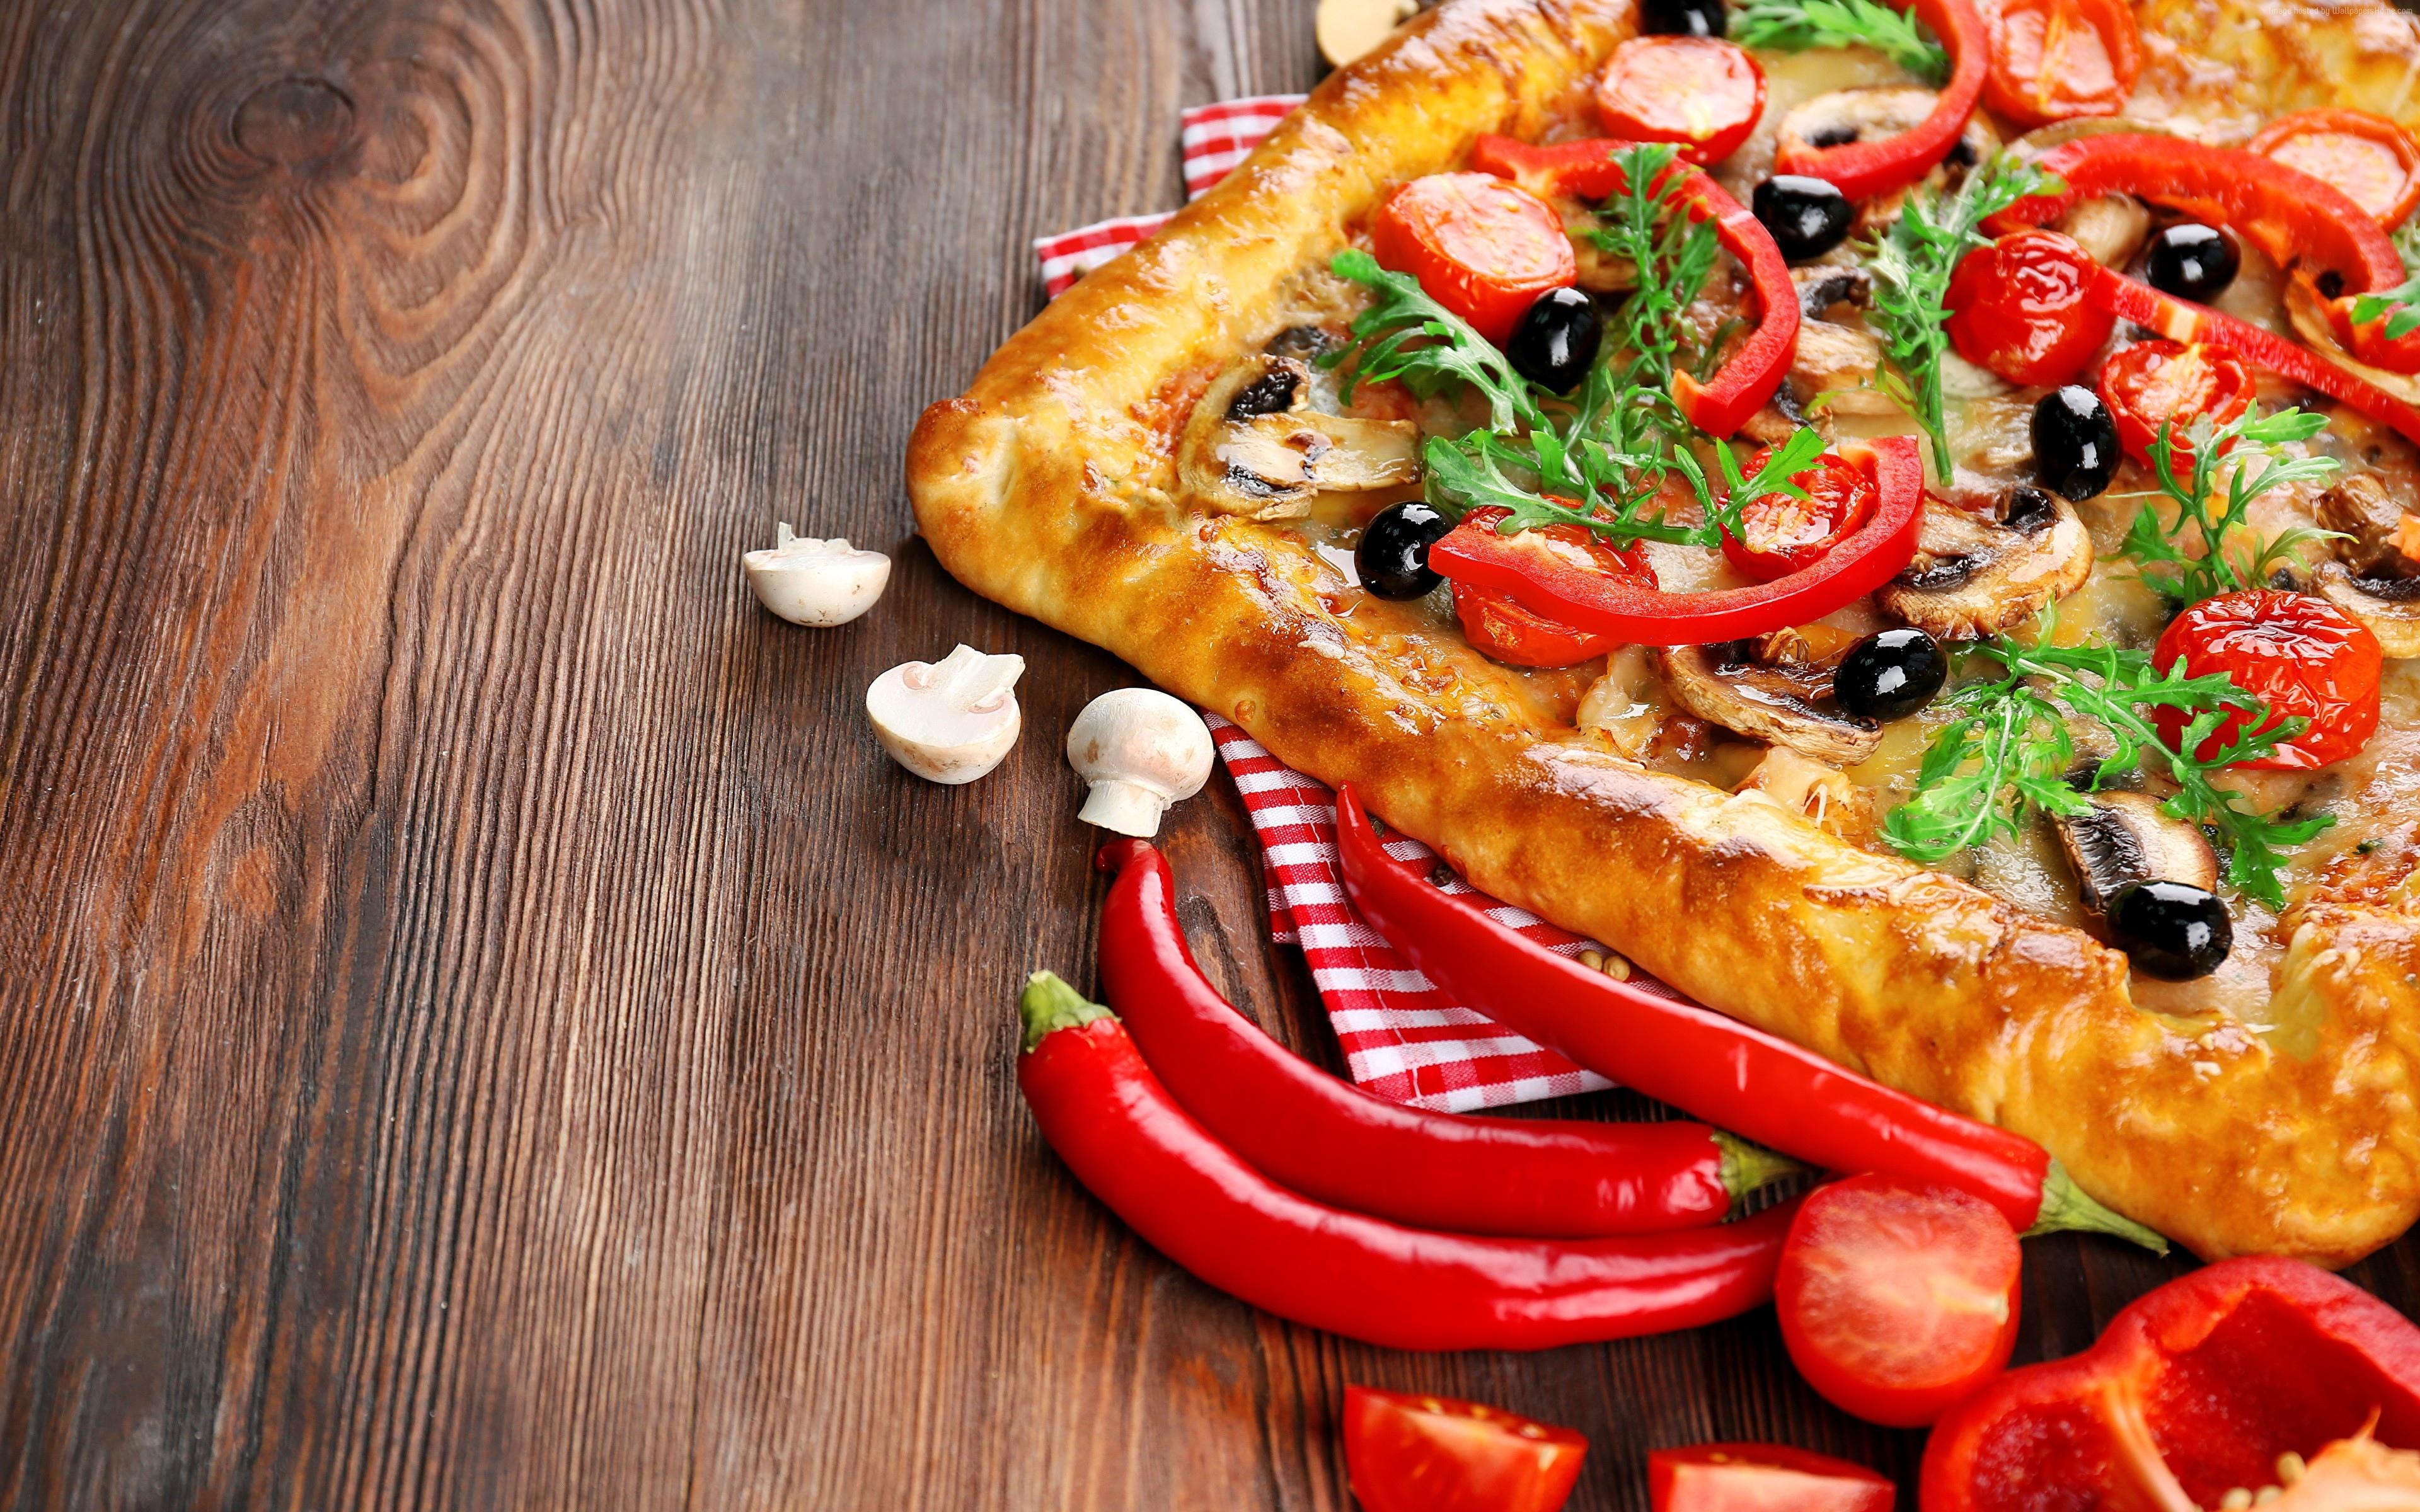 披萨,番茄,胡椒粉,4k(水平)